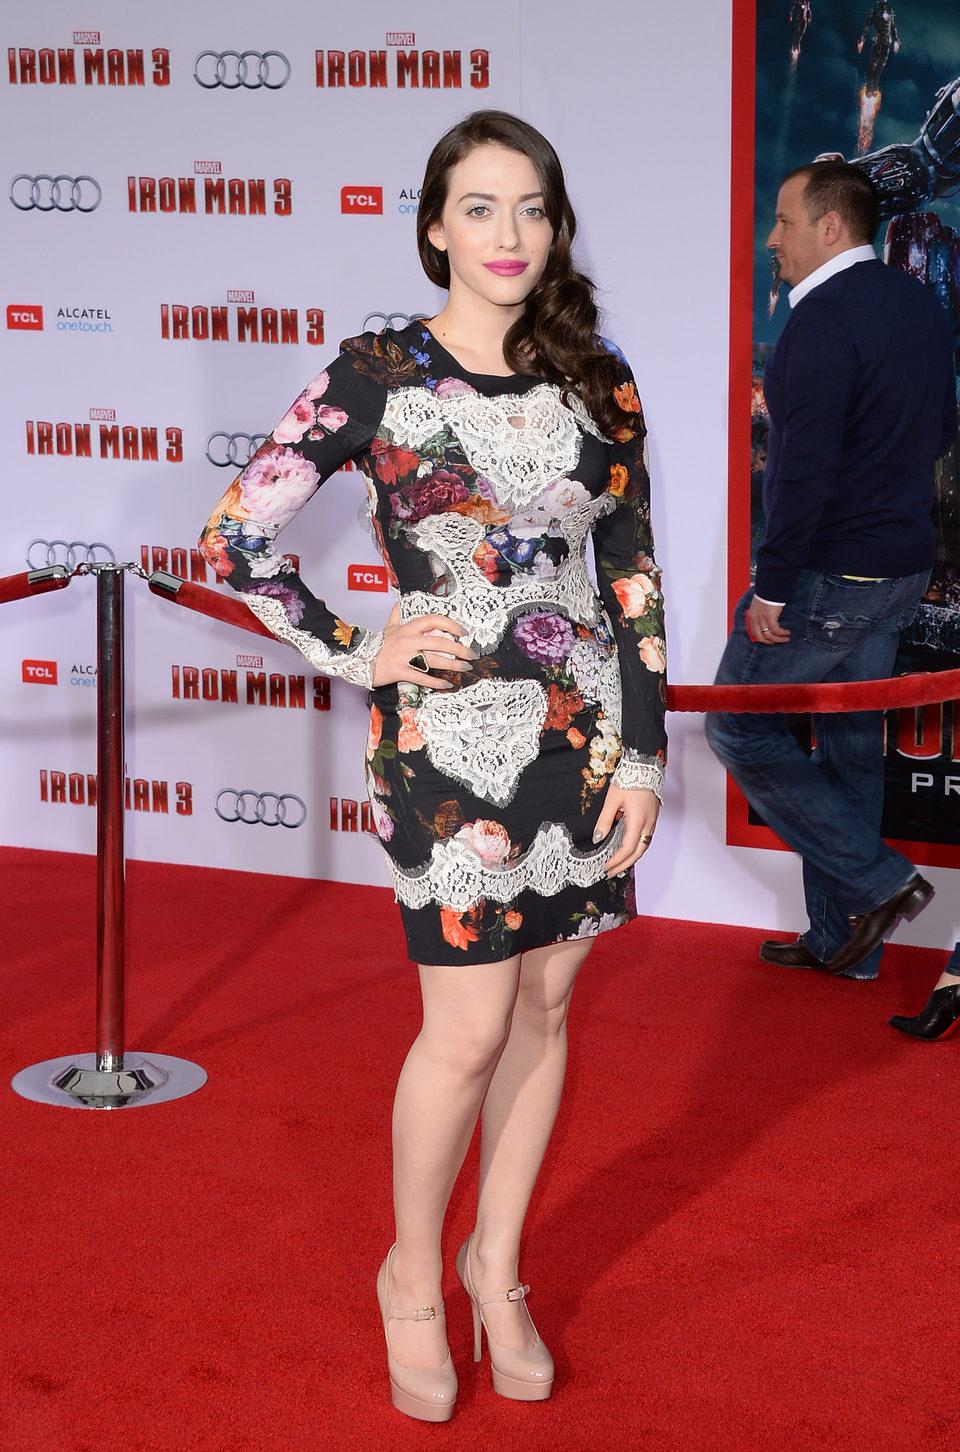 Kat Dennings en el estreno mundial de 'Iron Man 3' en Los Ángeles